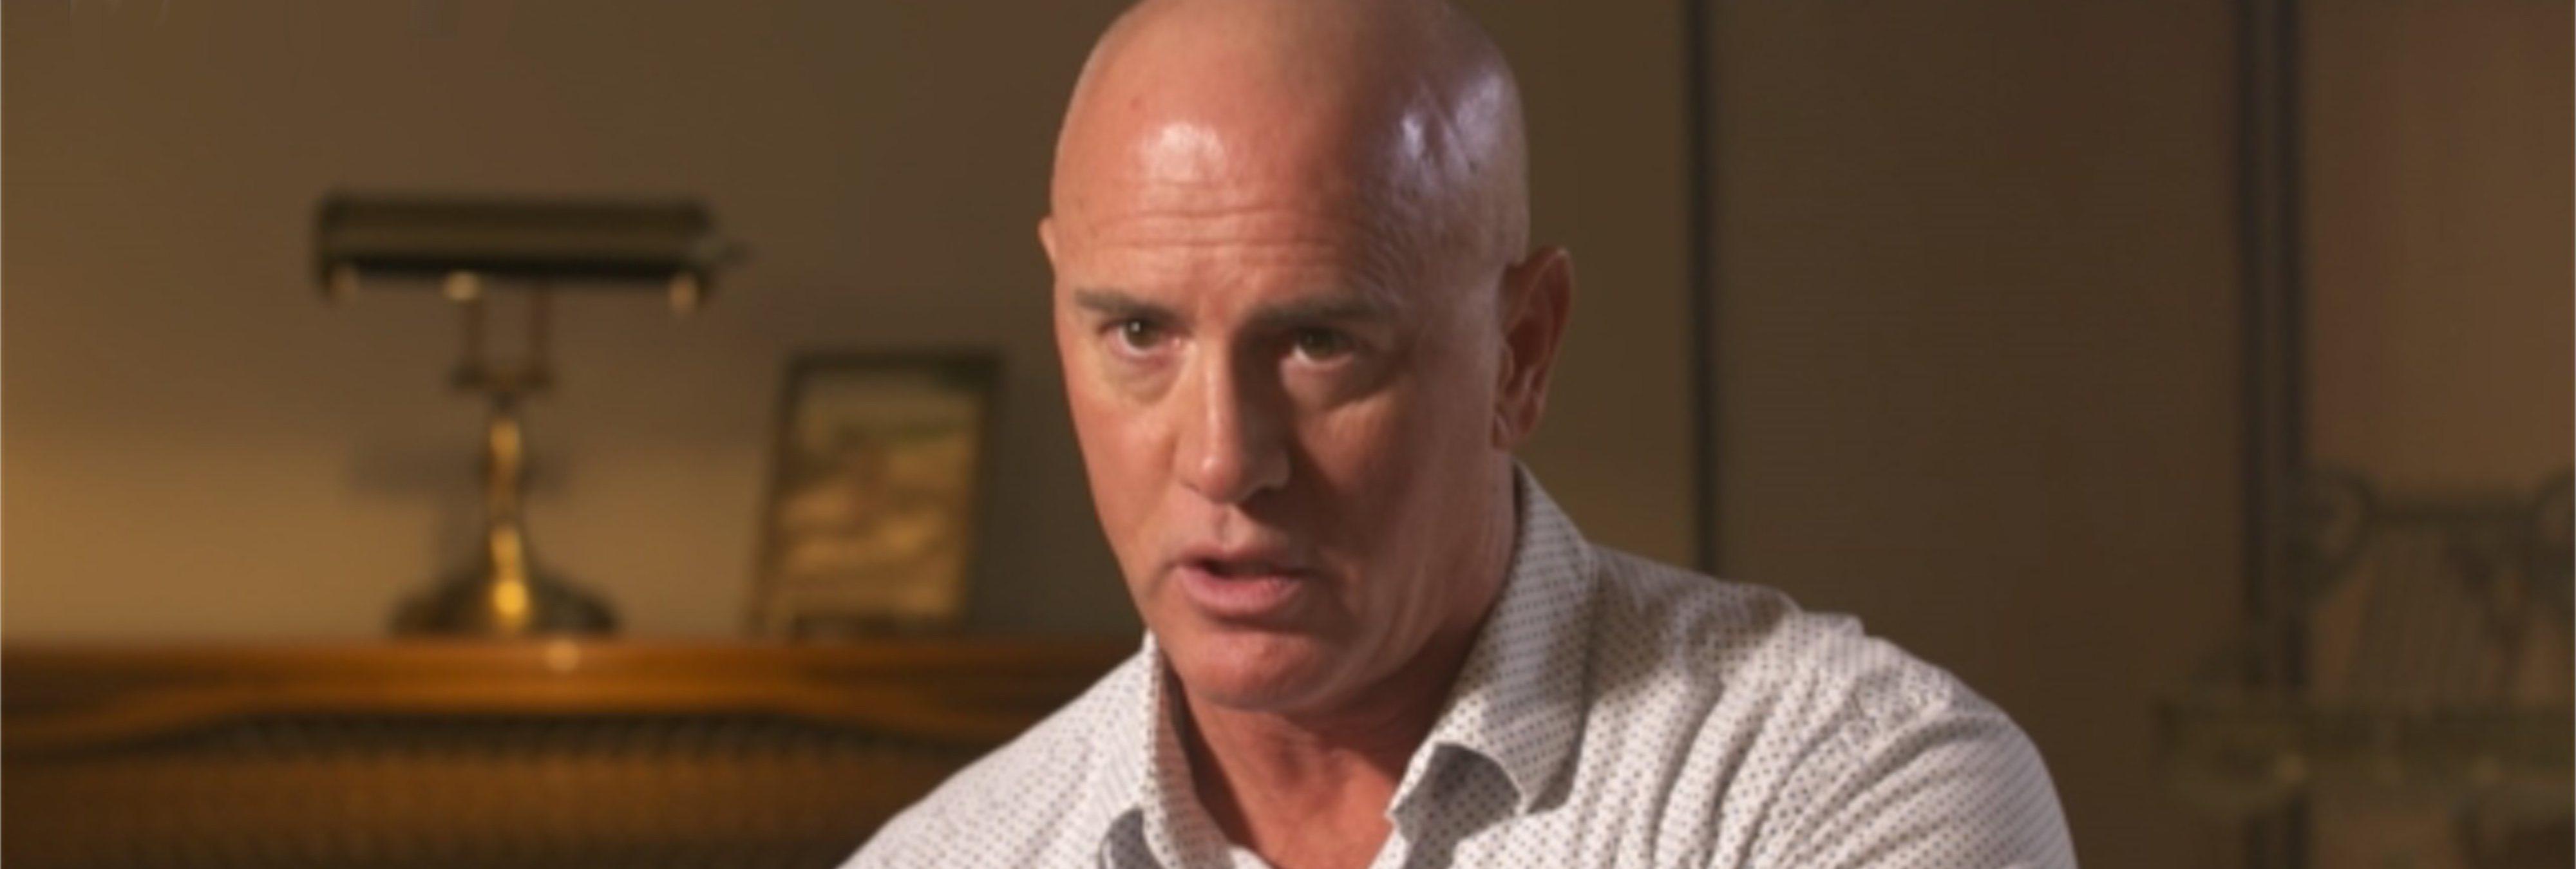 """El terapeuta gay que """"curaba la homosexualidad"""" se disculpa por el daño ocasionado"""